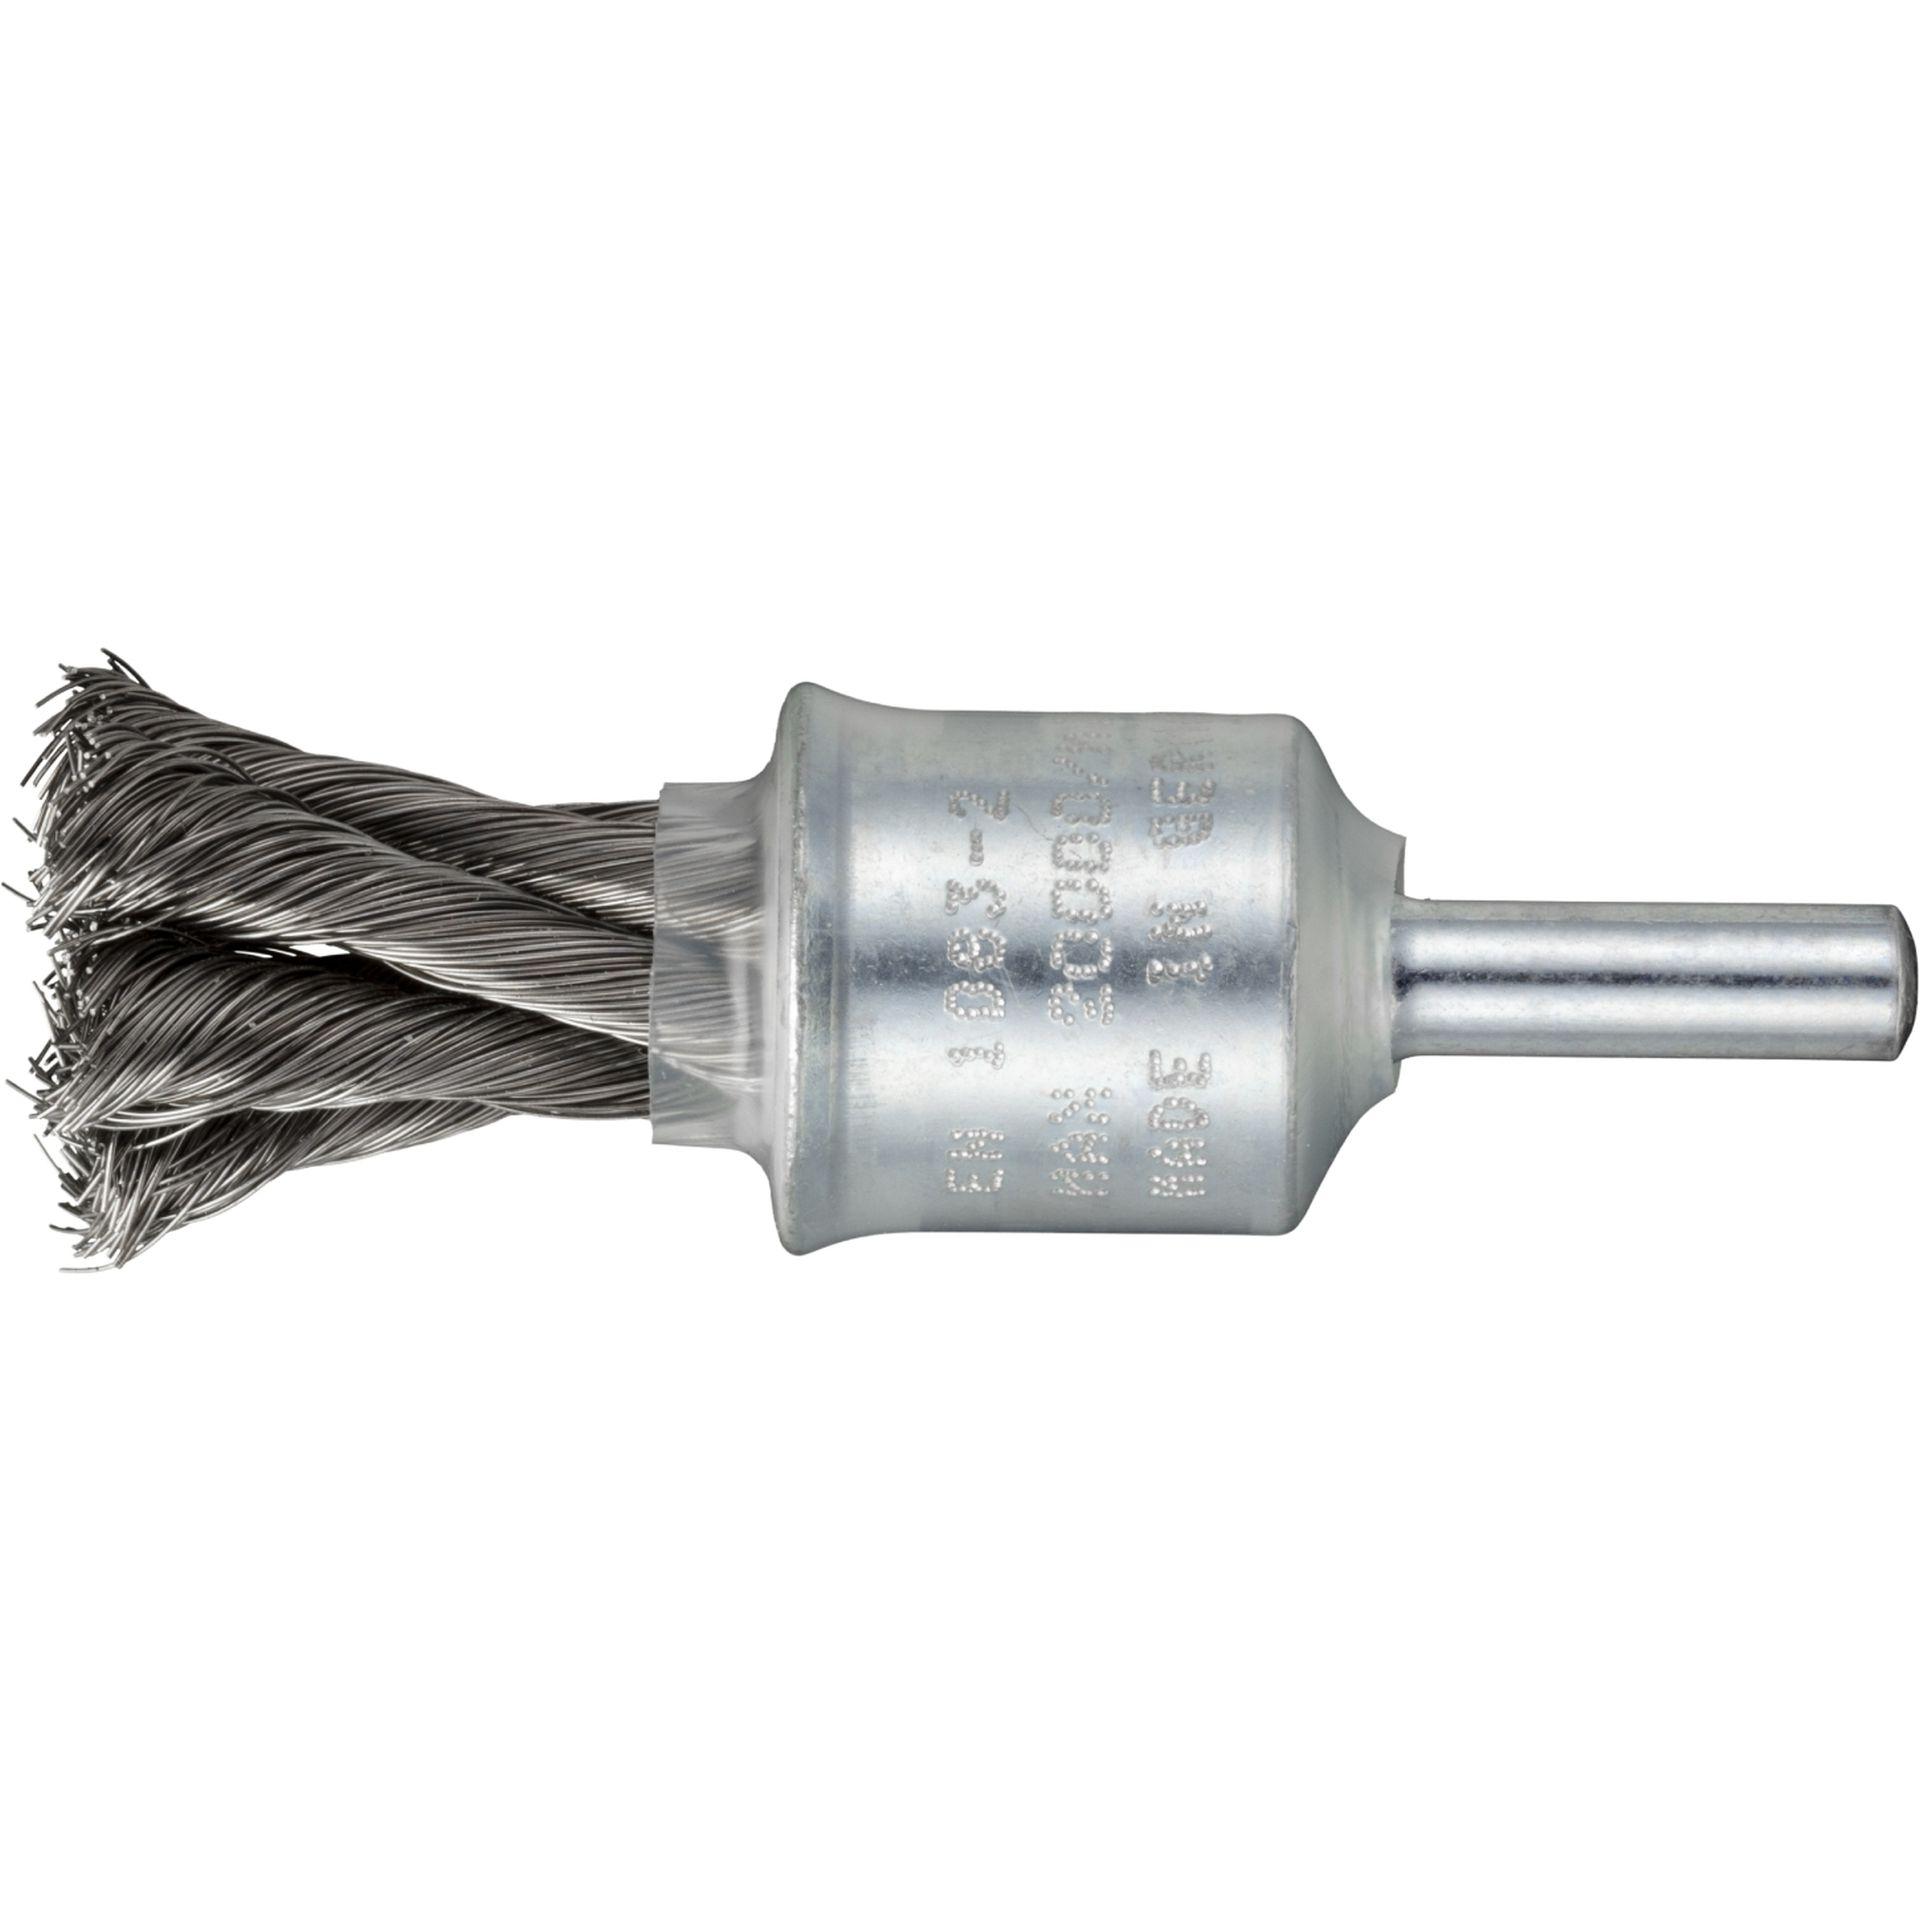 10x LUKAS Pinsel-Drahtbürste BPVZ Edelstahl 20x29 mm Geradschleifer gezopft